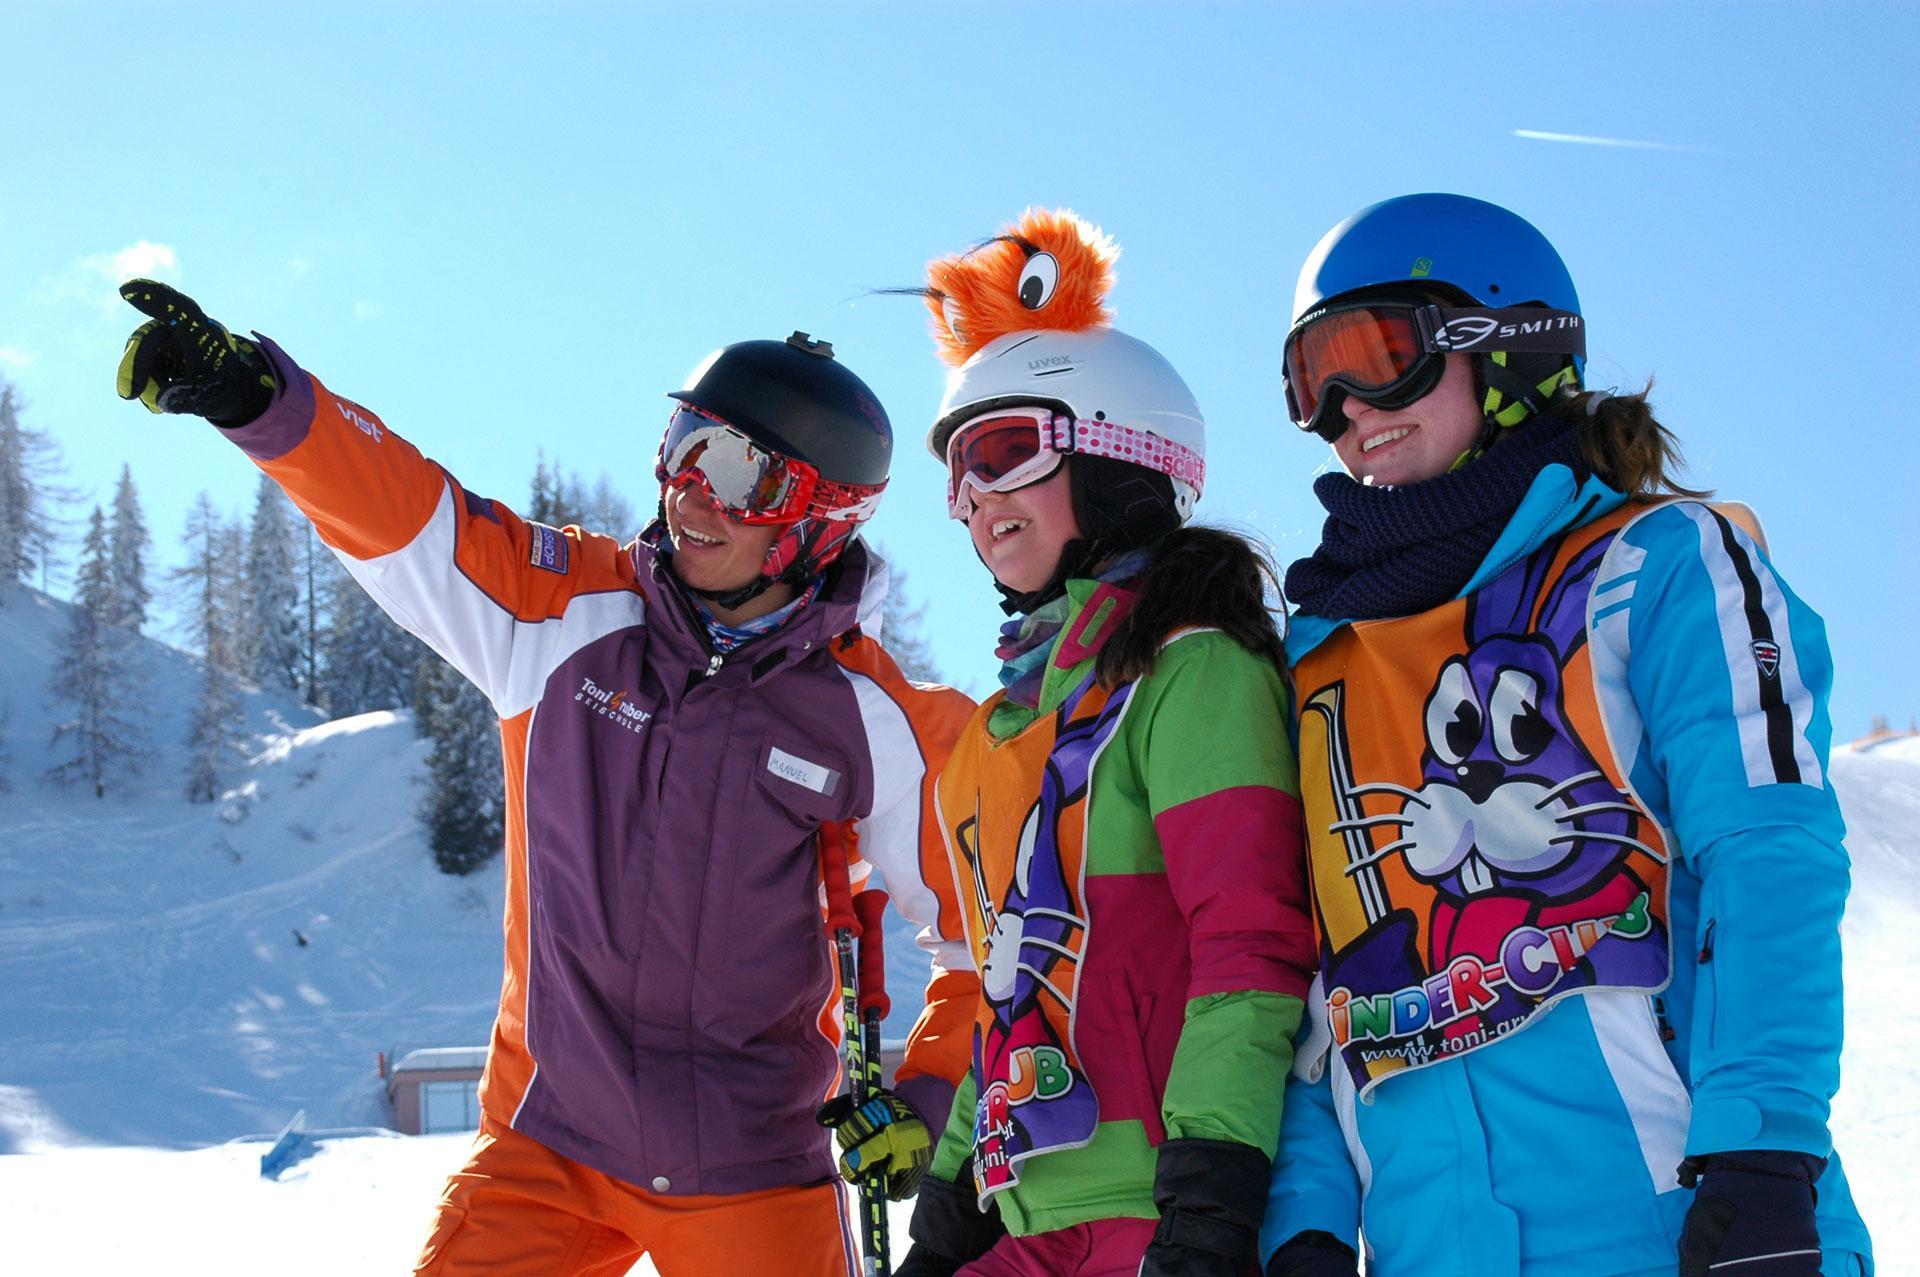 Skilessen voor kinderen vanaf 4 jaar - vergevorderd